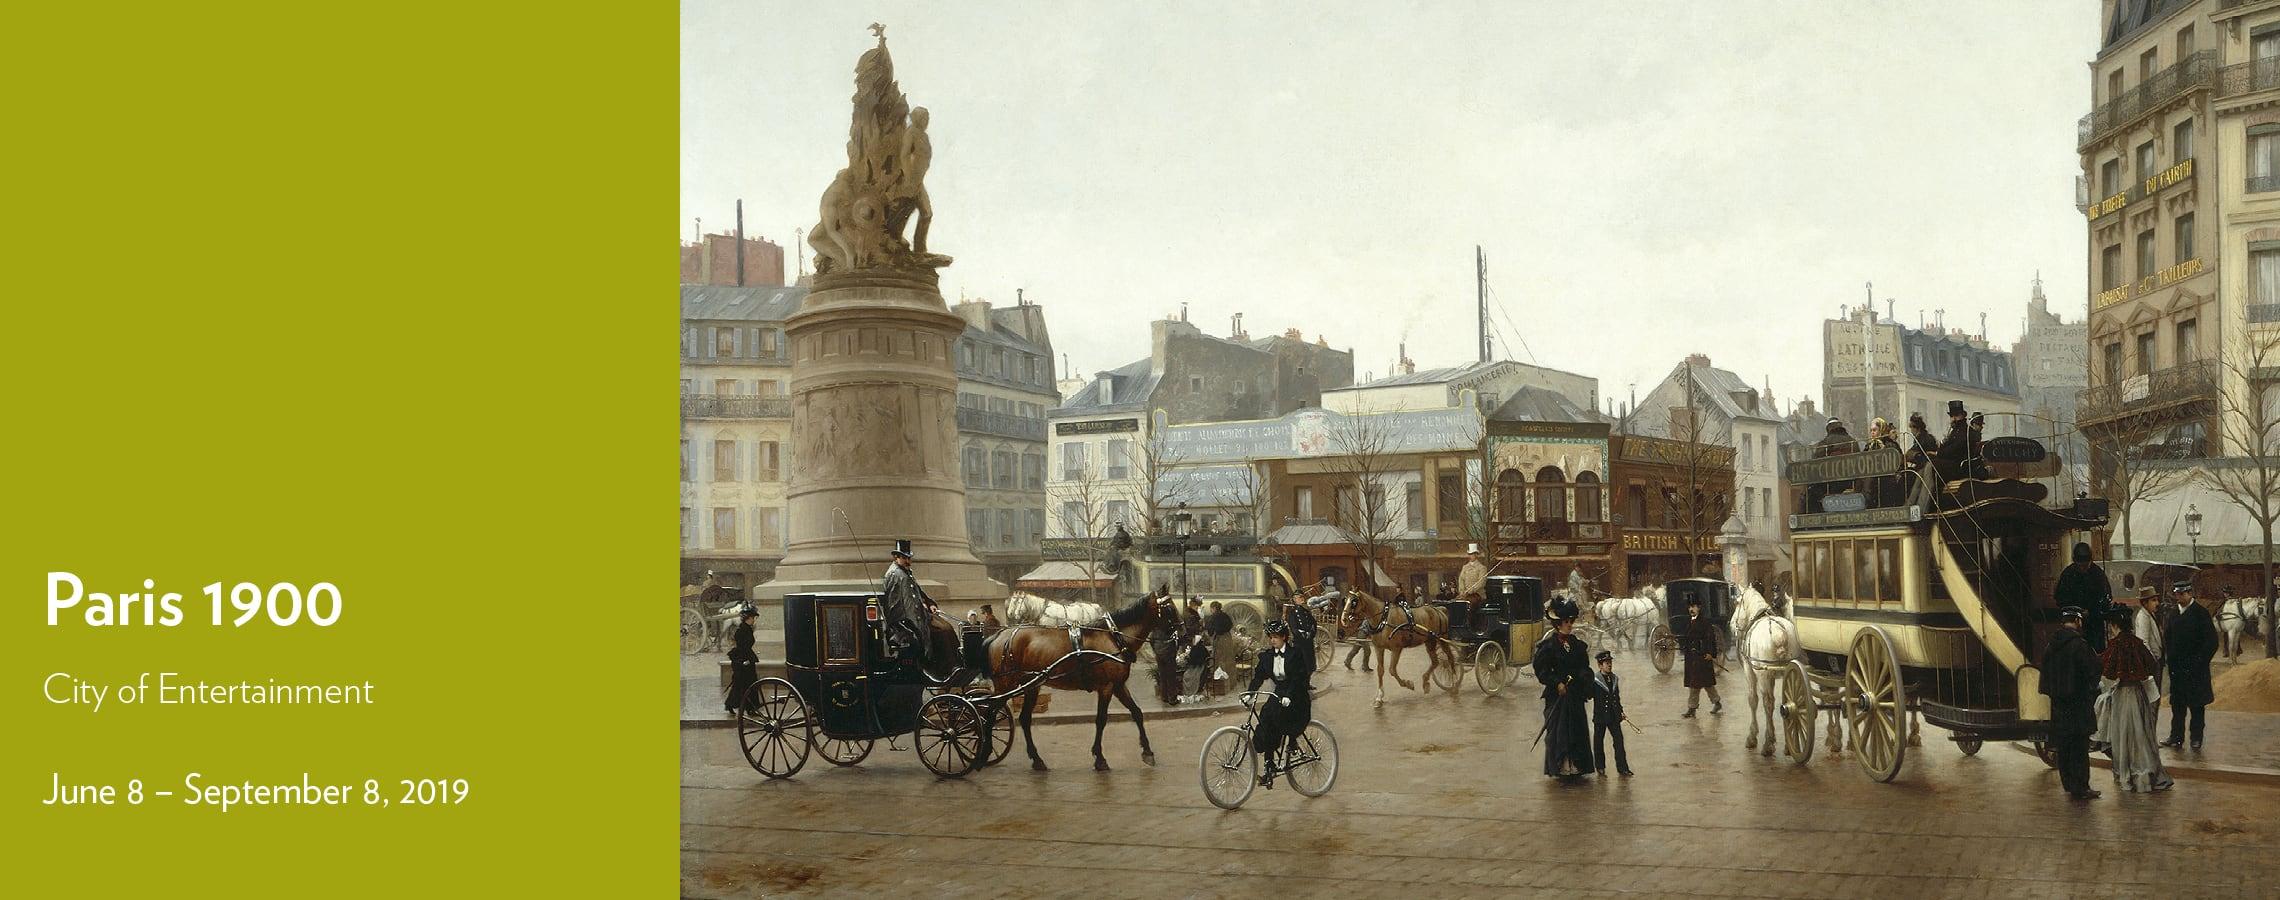 Paris 1900: June 8 – September 8, 2019